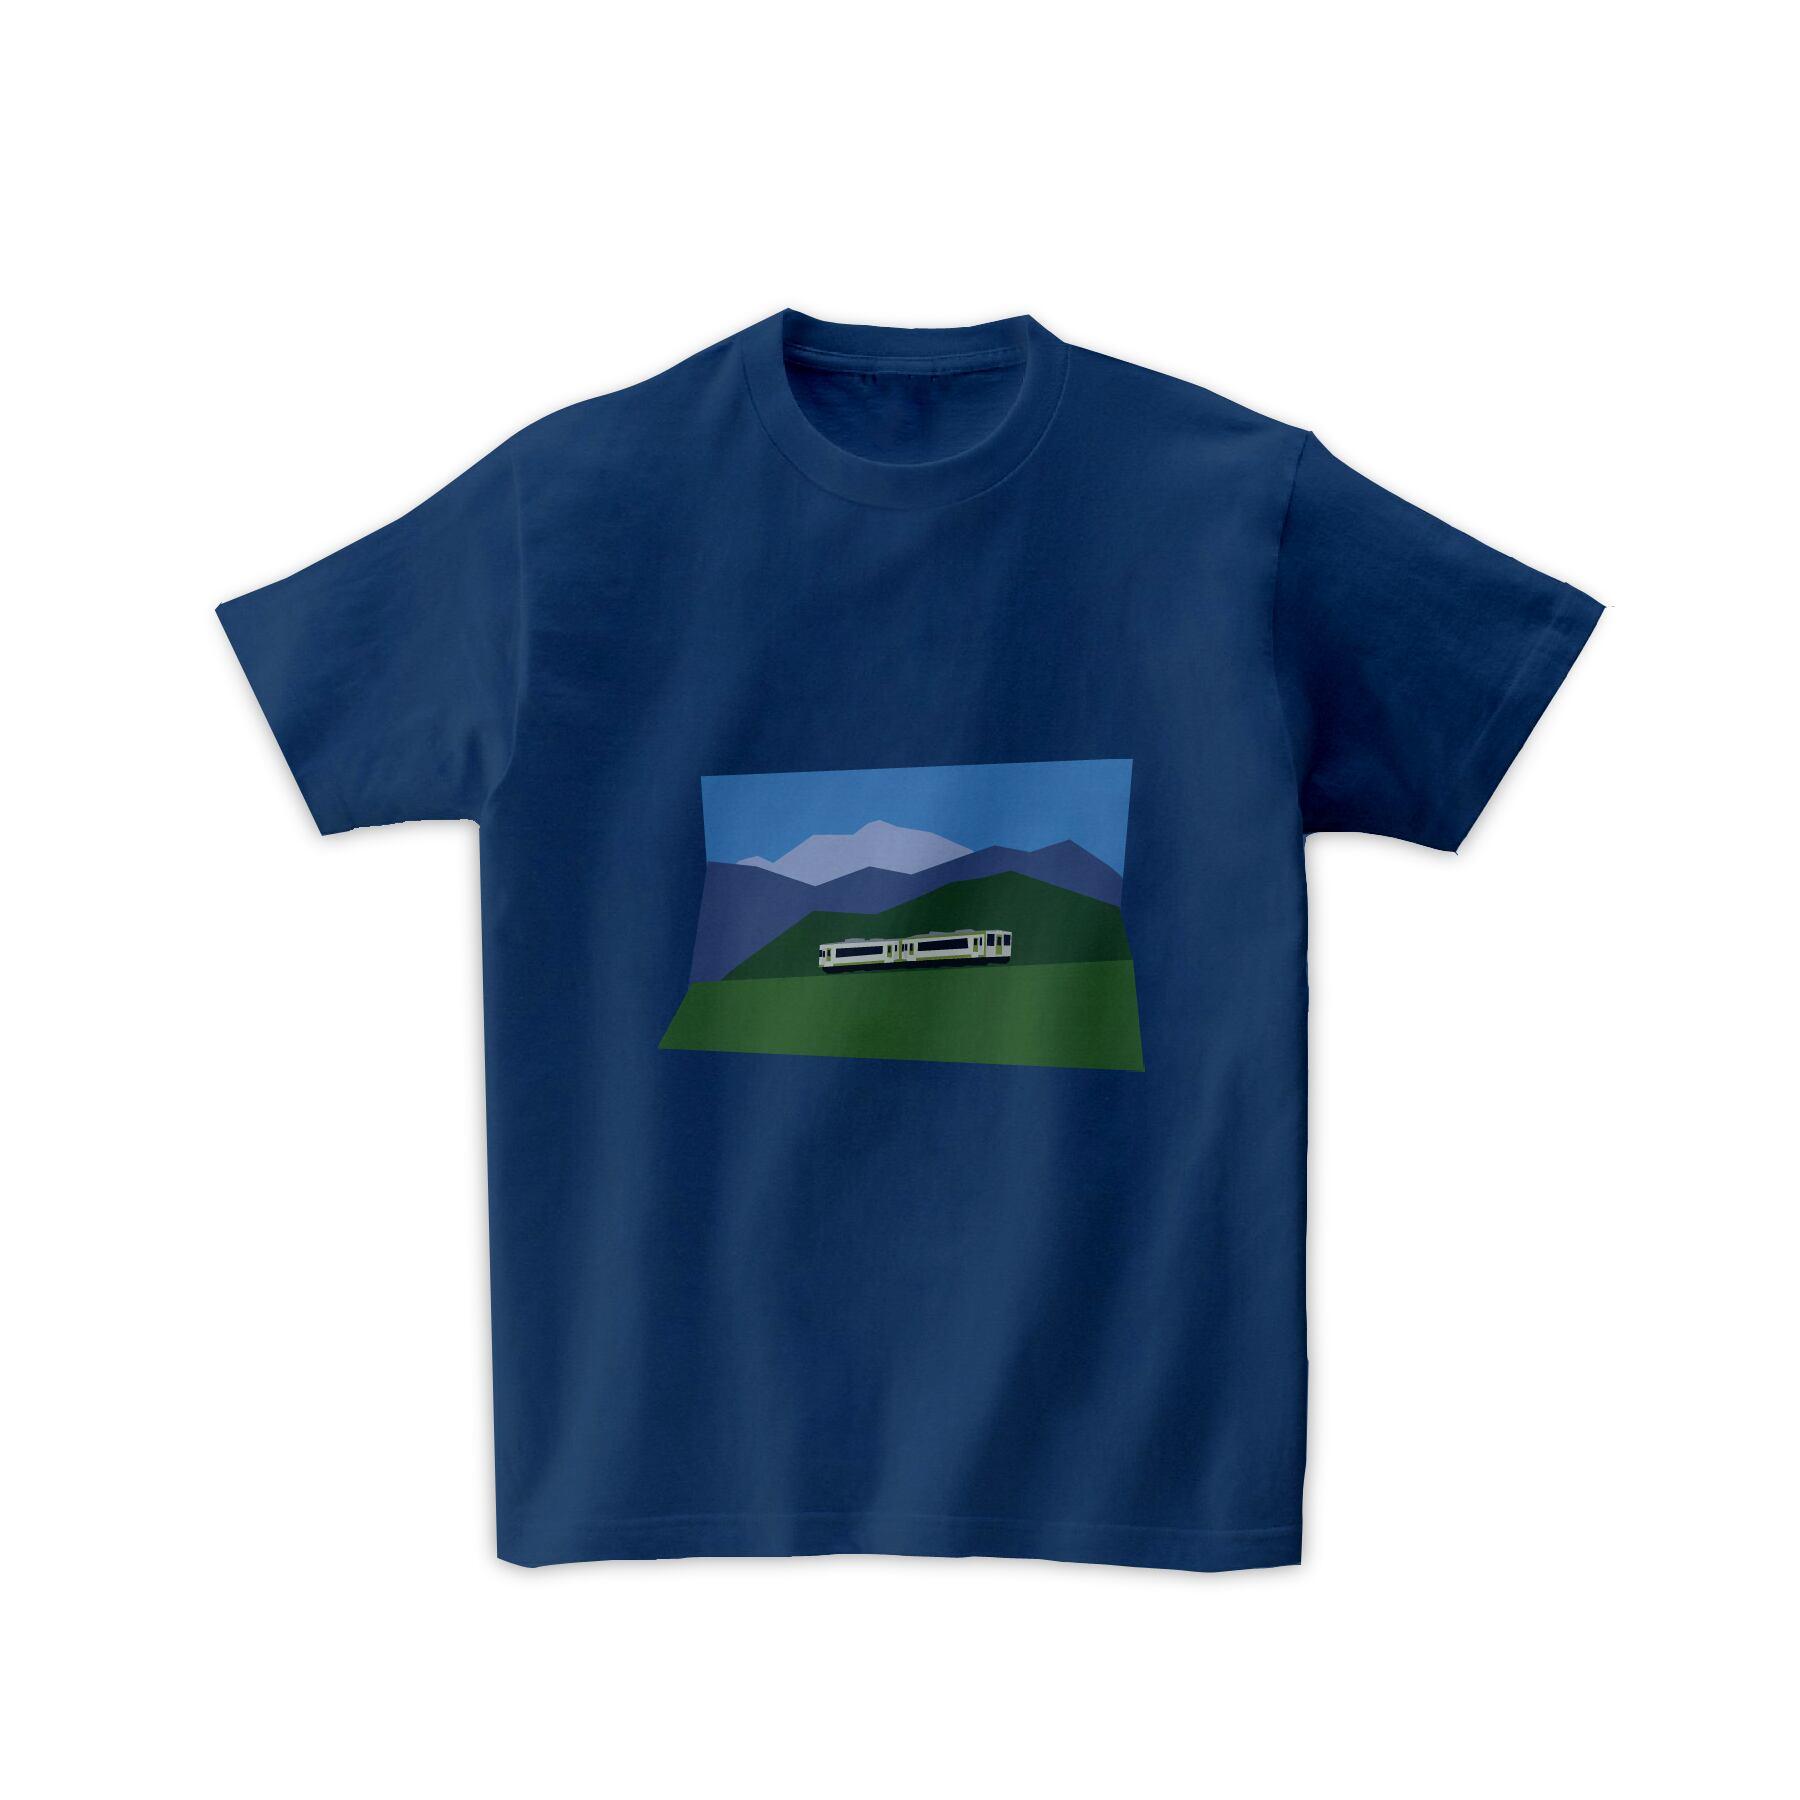 電車Tシャツ-八ヶ岳